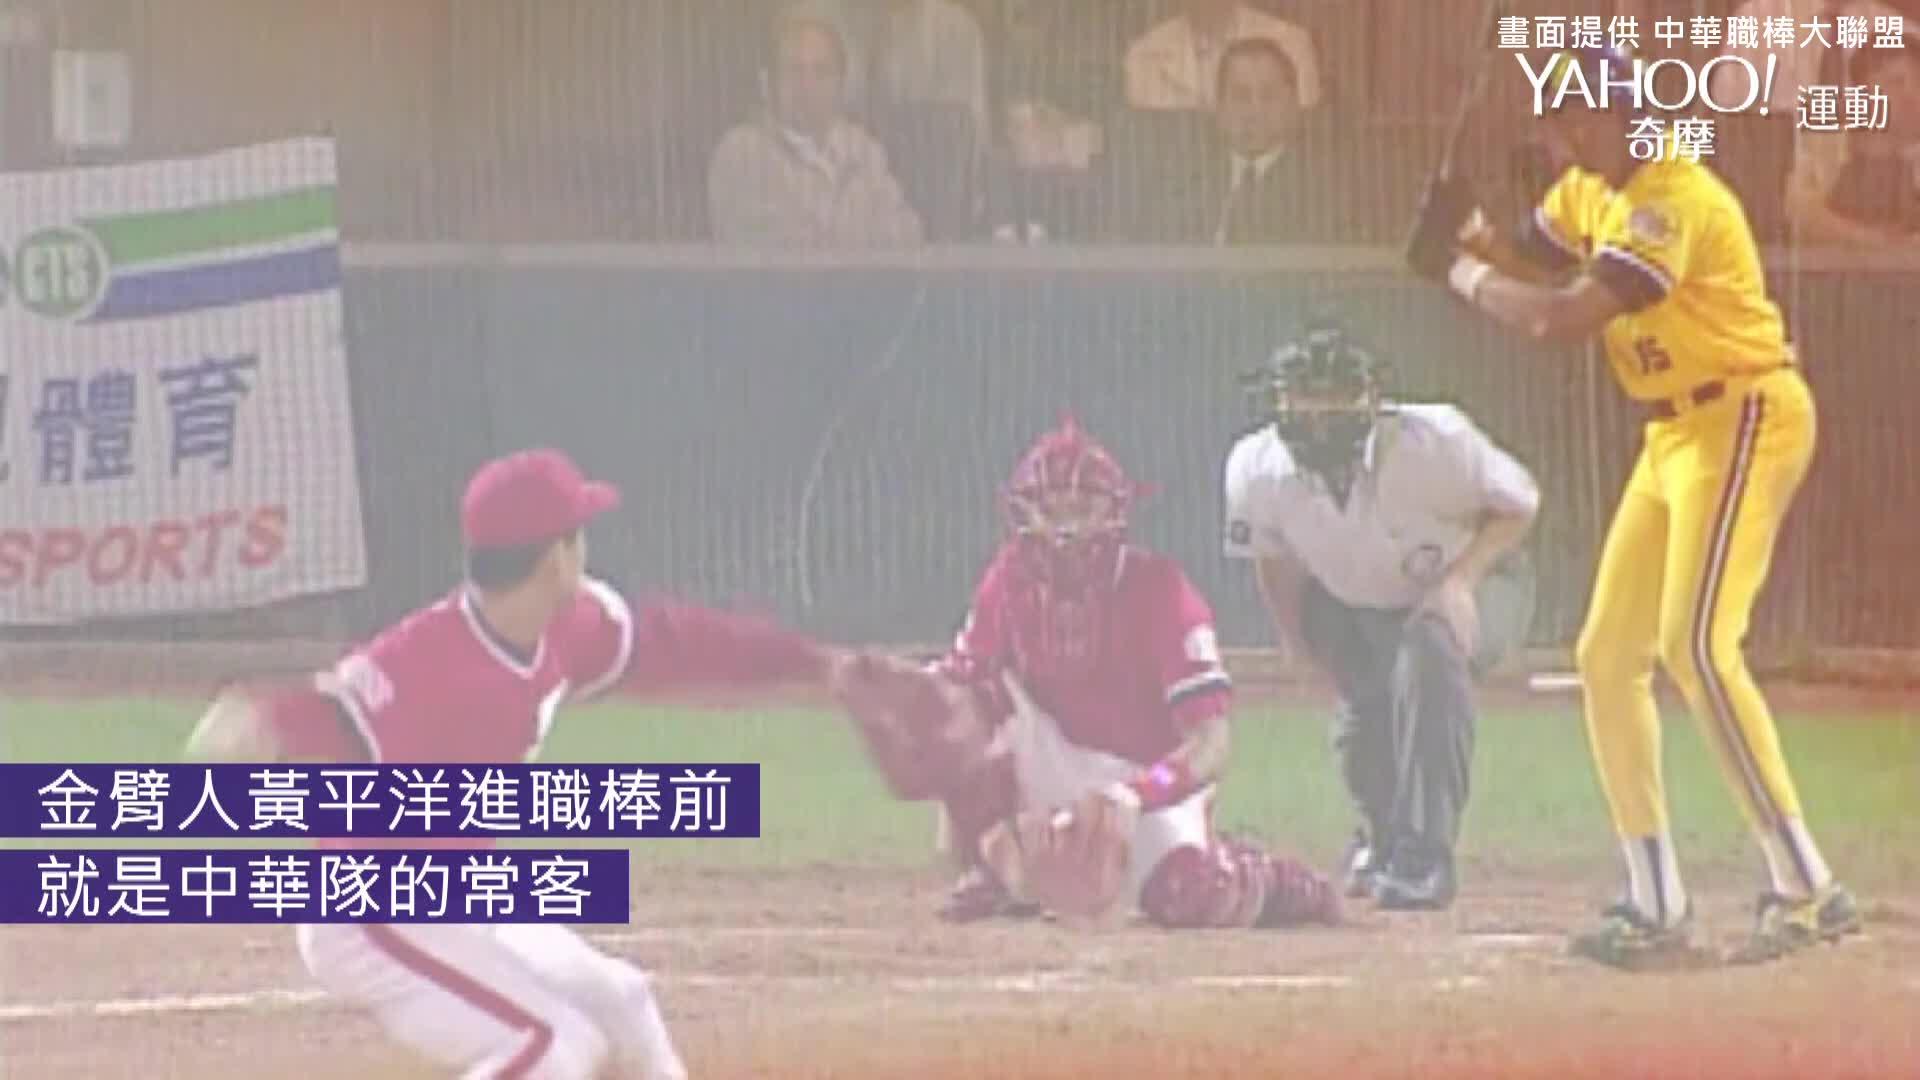 【影音】中職四大天王-黃平洋生涯Highlight